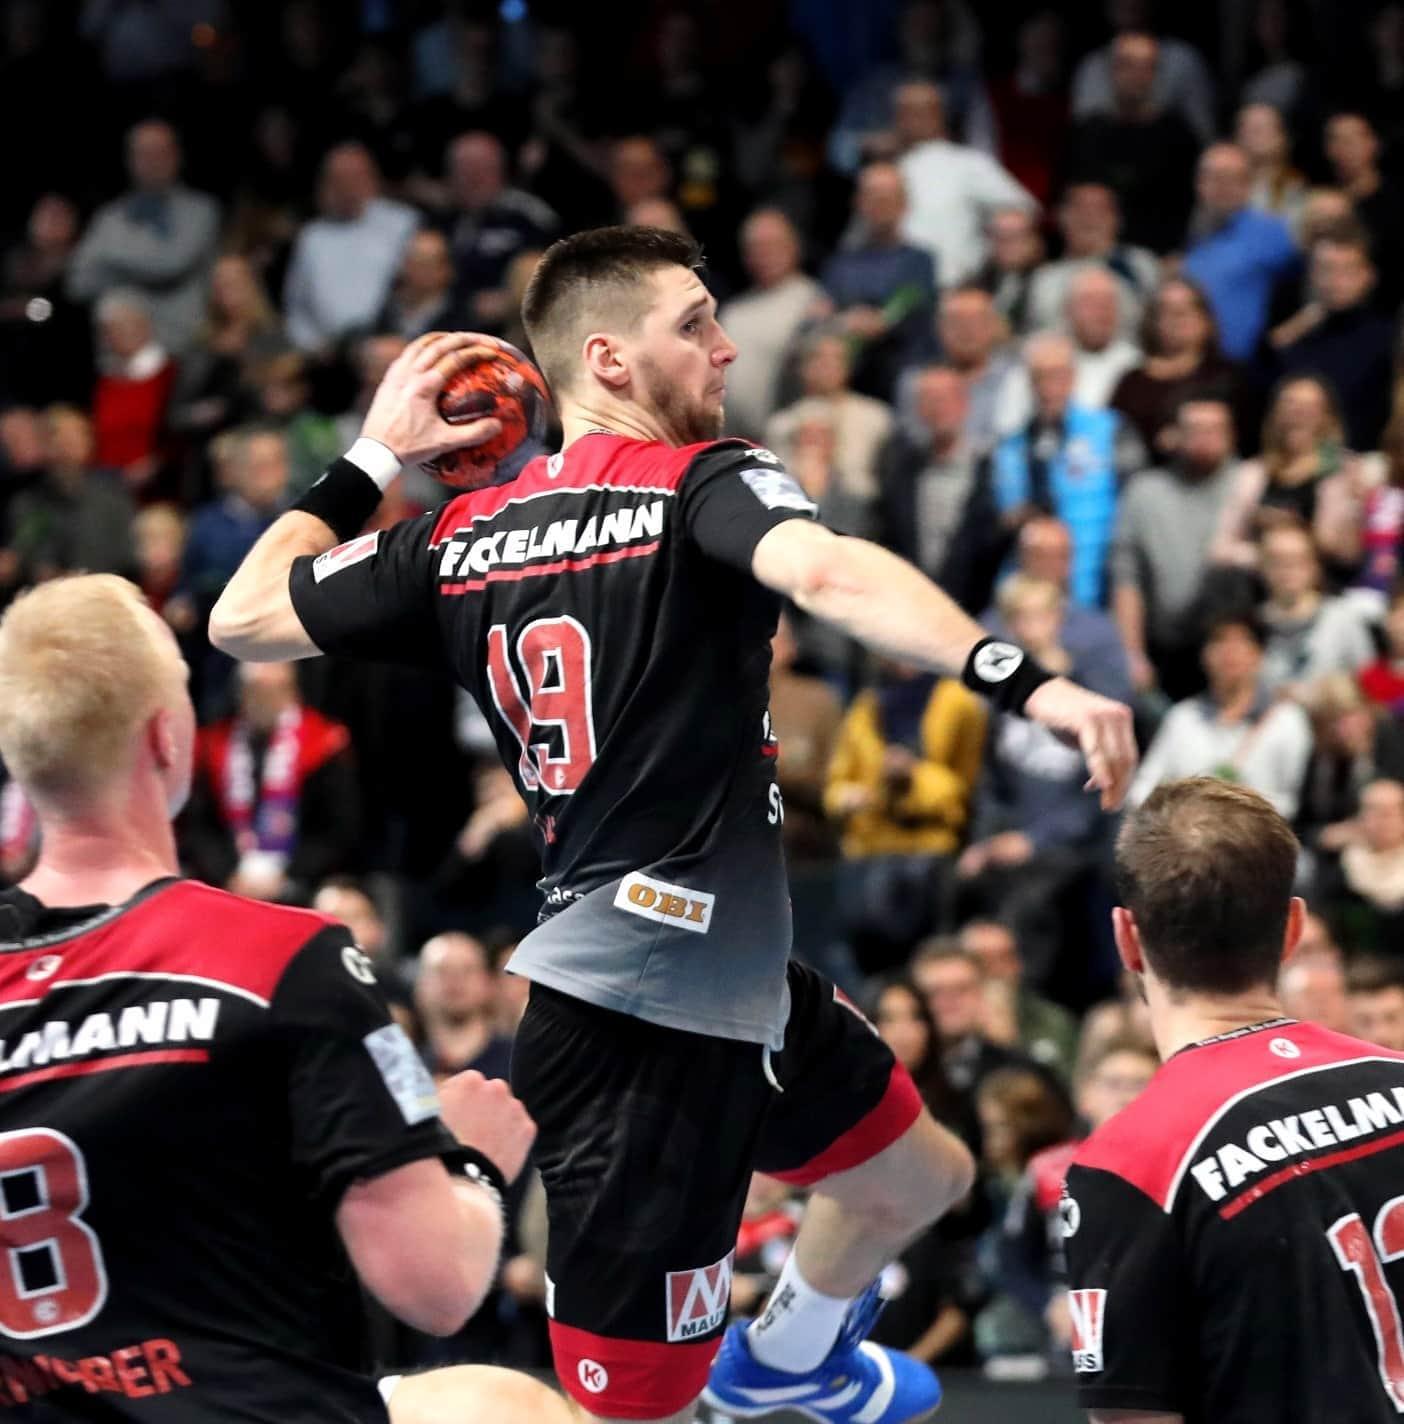 HC Erlangen siegt erstmals in Minden Handball-Bundesliga: HC Erlangen feiert damit seinen zweiten Sieg in Serie